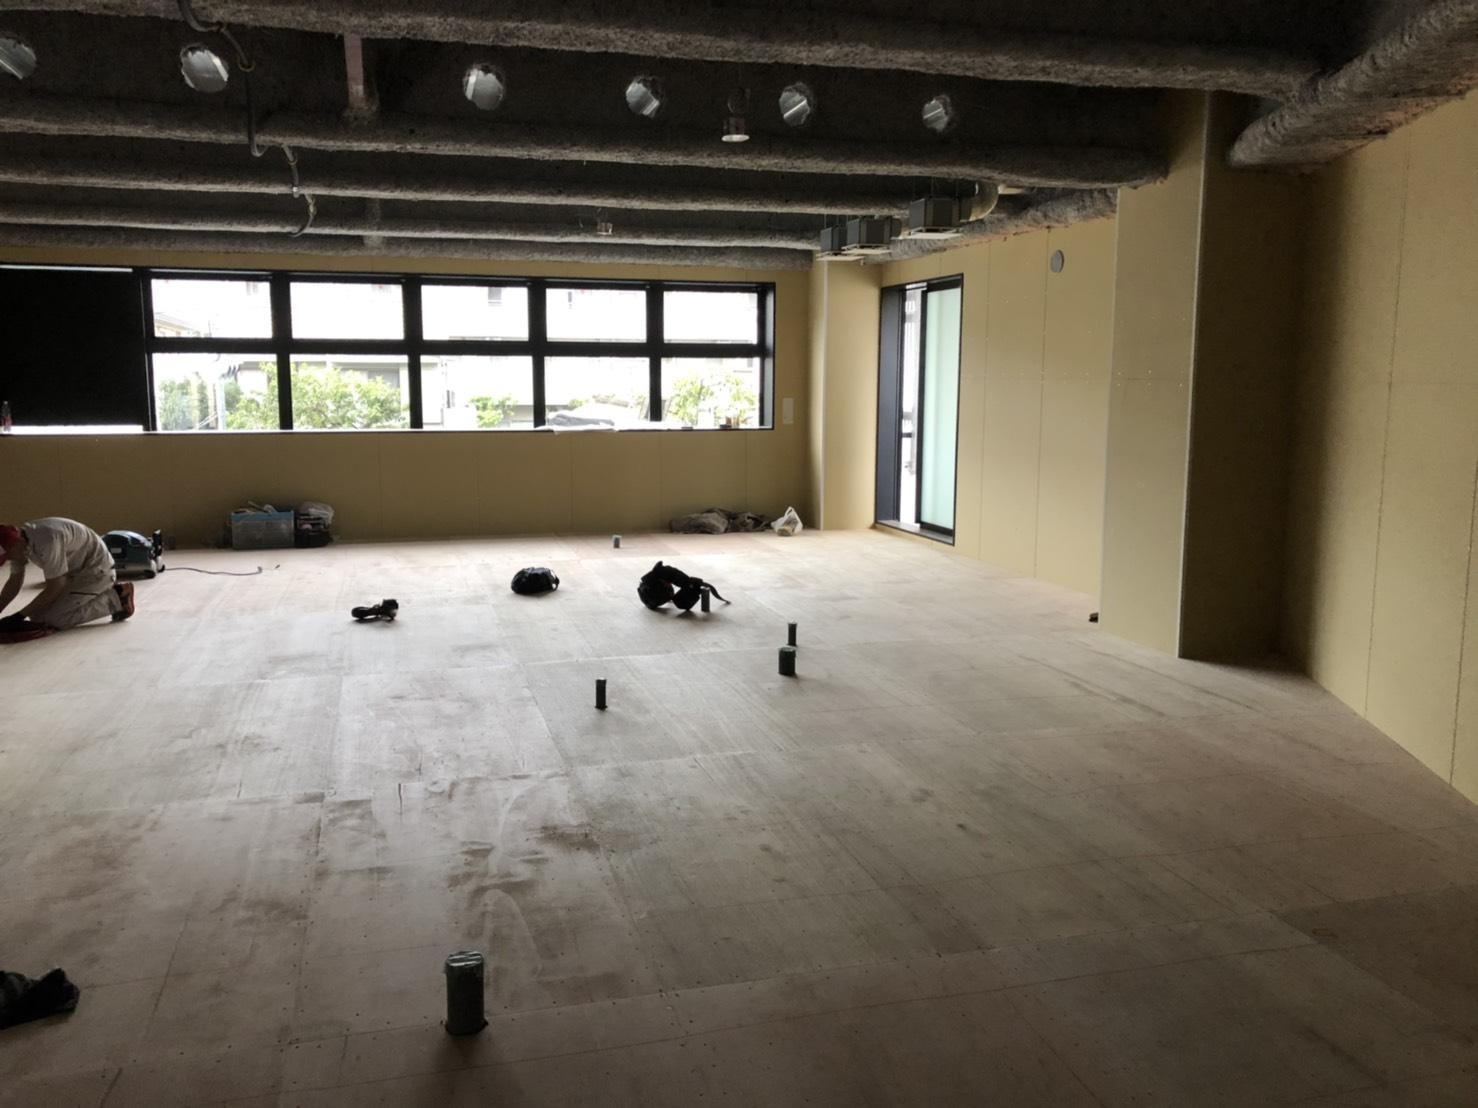 東京都世田谷区フリーフロアCP-F医療施設の置床工事